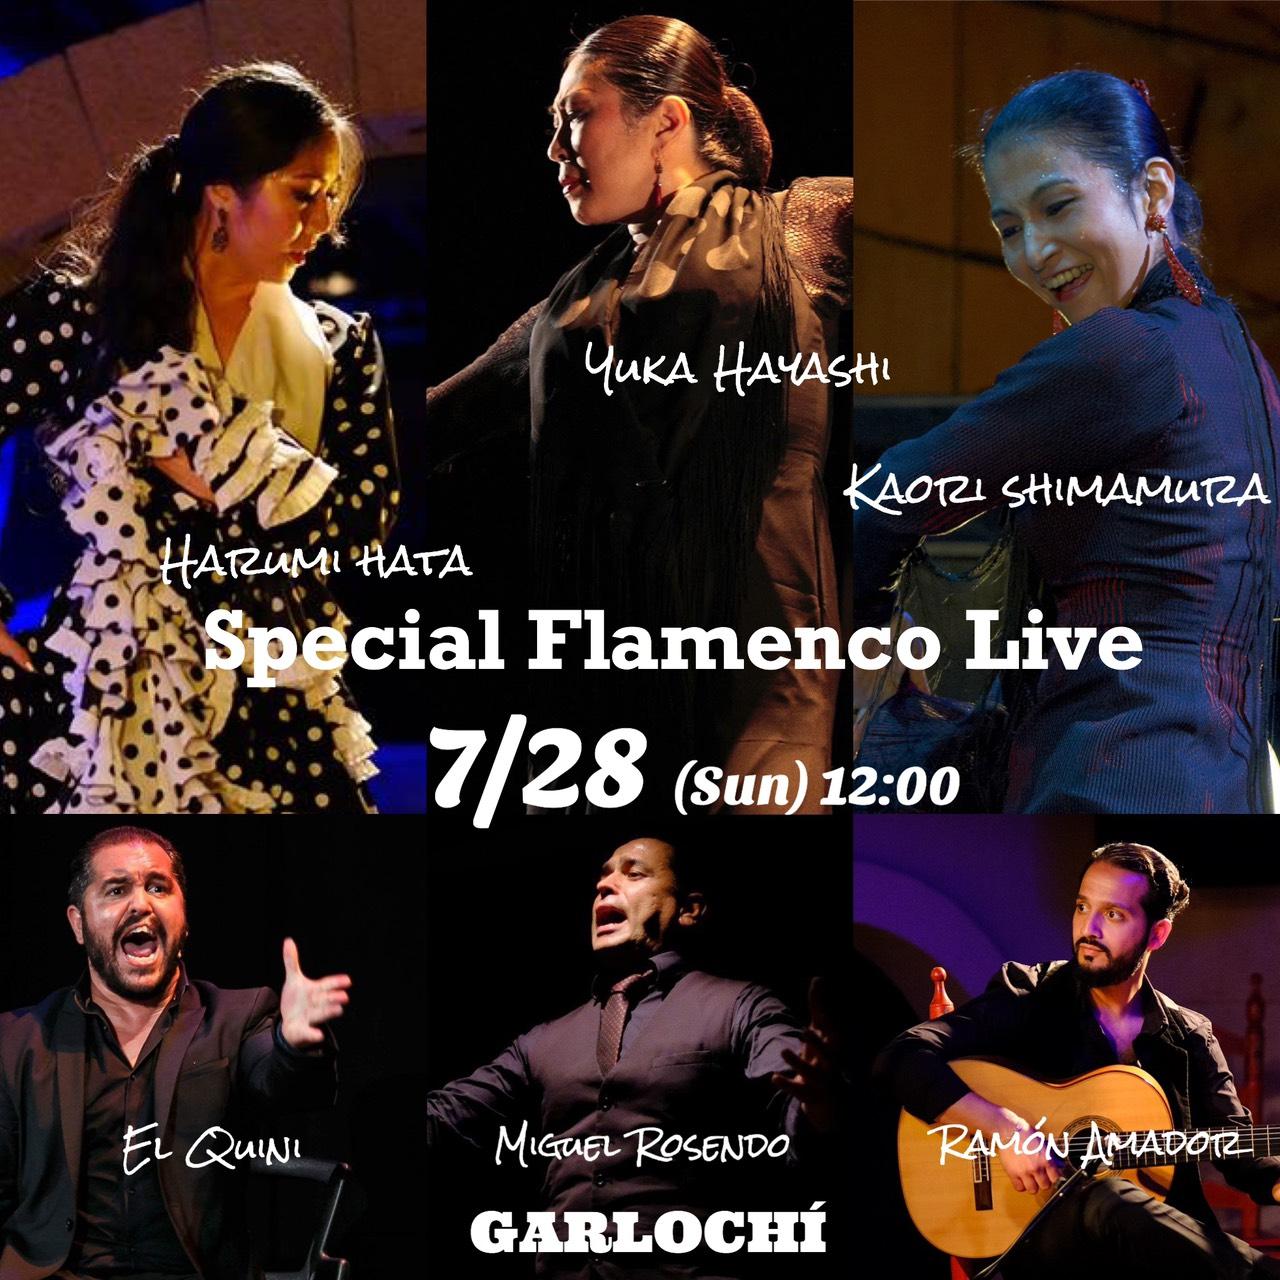 【7/28】林結花×秦晴美×島村香 Special Flamenco Live!!